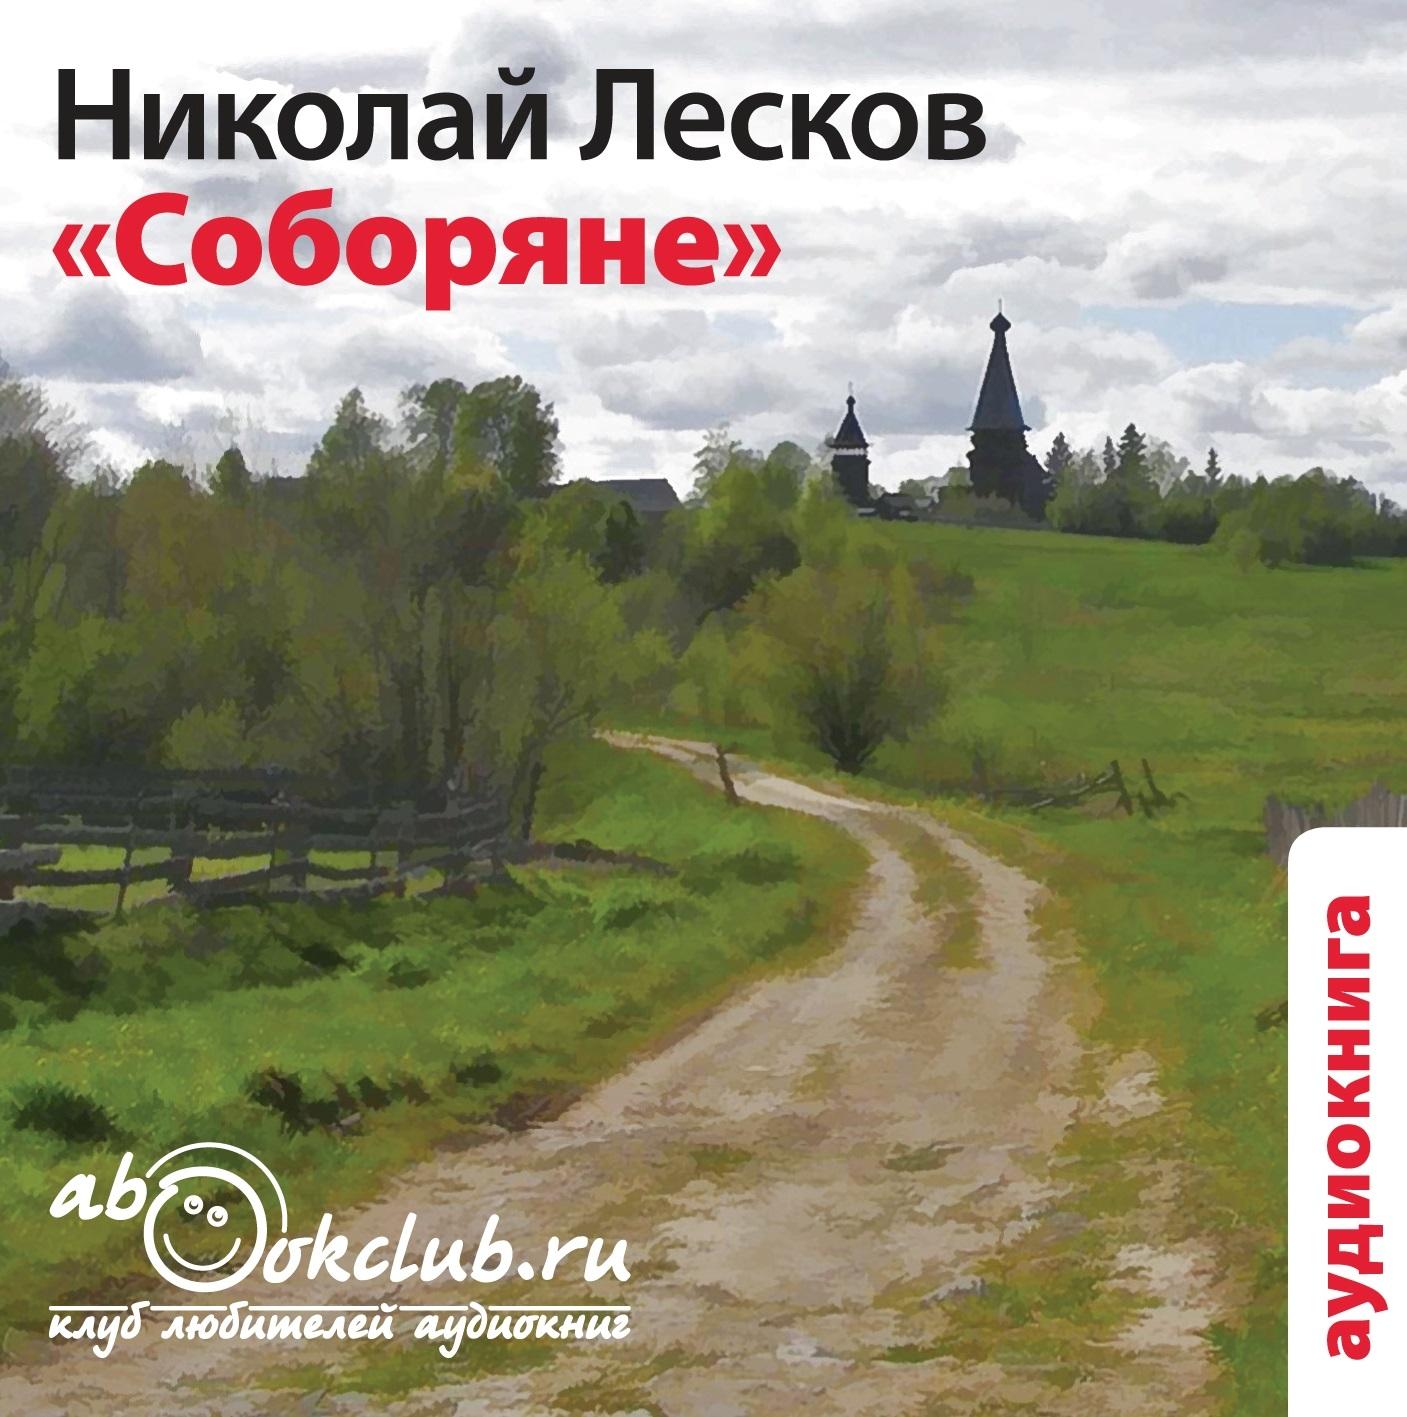 Соборяне (цифровая версия) (Цифровая версия)Представляем вашему вниманию аудиокнигу Соборяне, аудиоверсию романа Н.С. Лескова, написанного в 1872 году.<br>